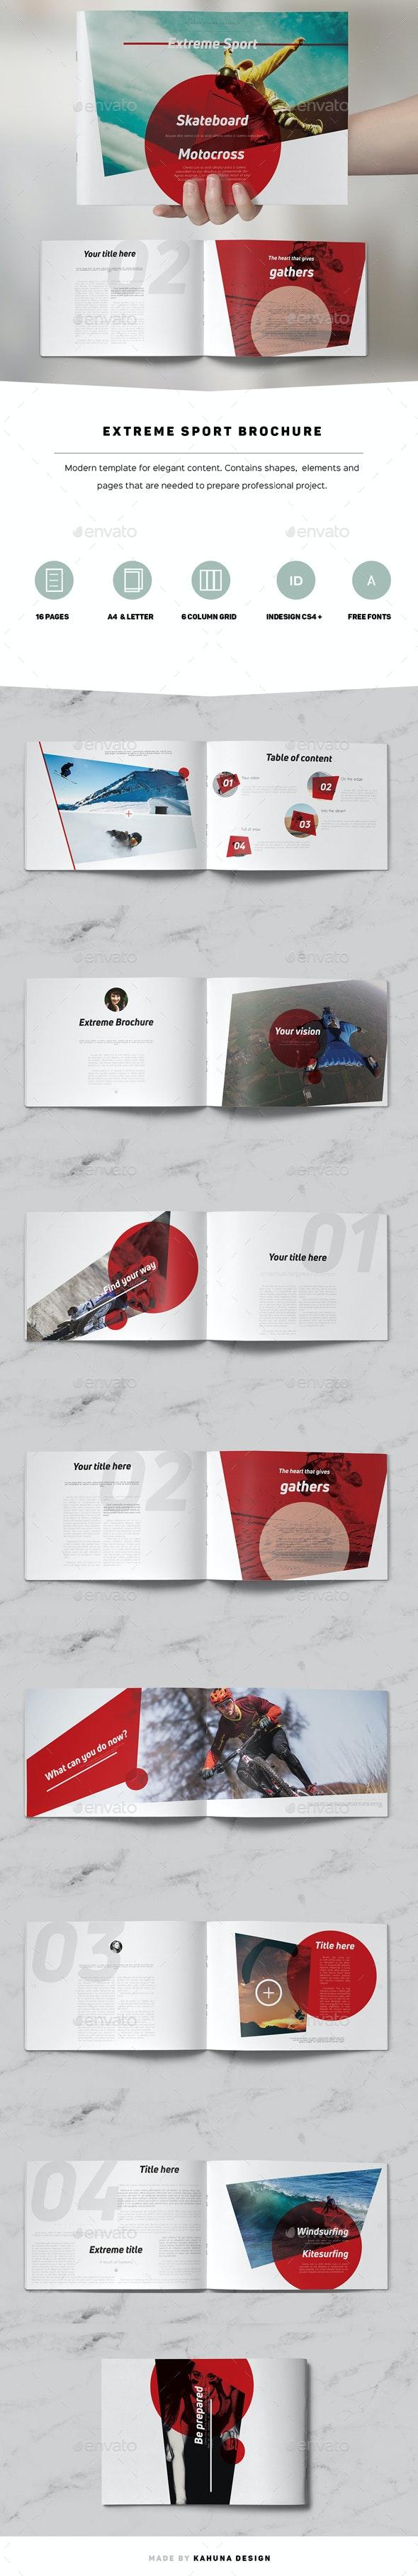 Extreme Sport Landscape Brochure - Catalogs Brochures